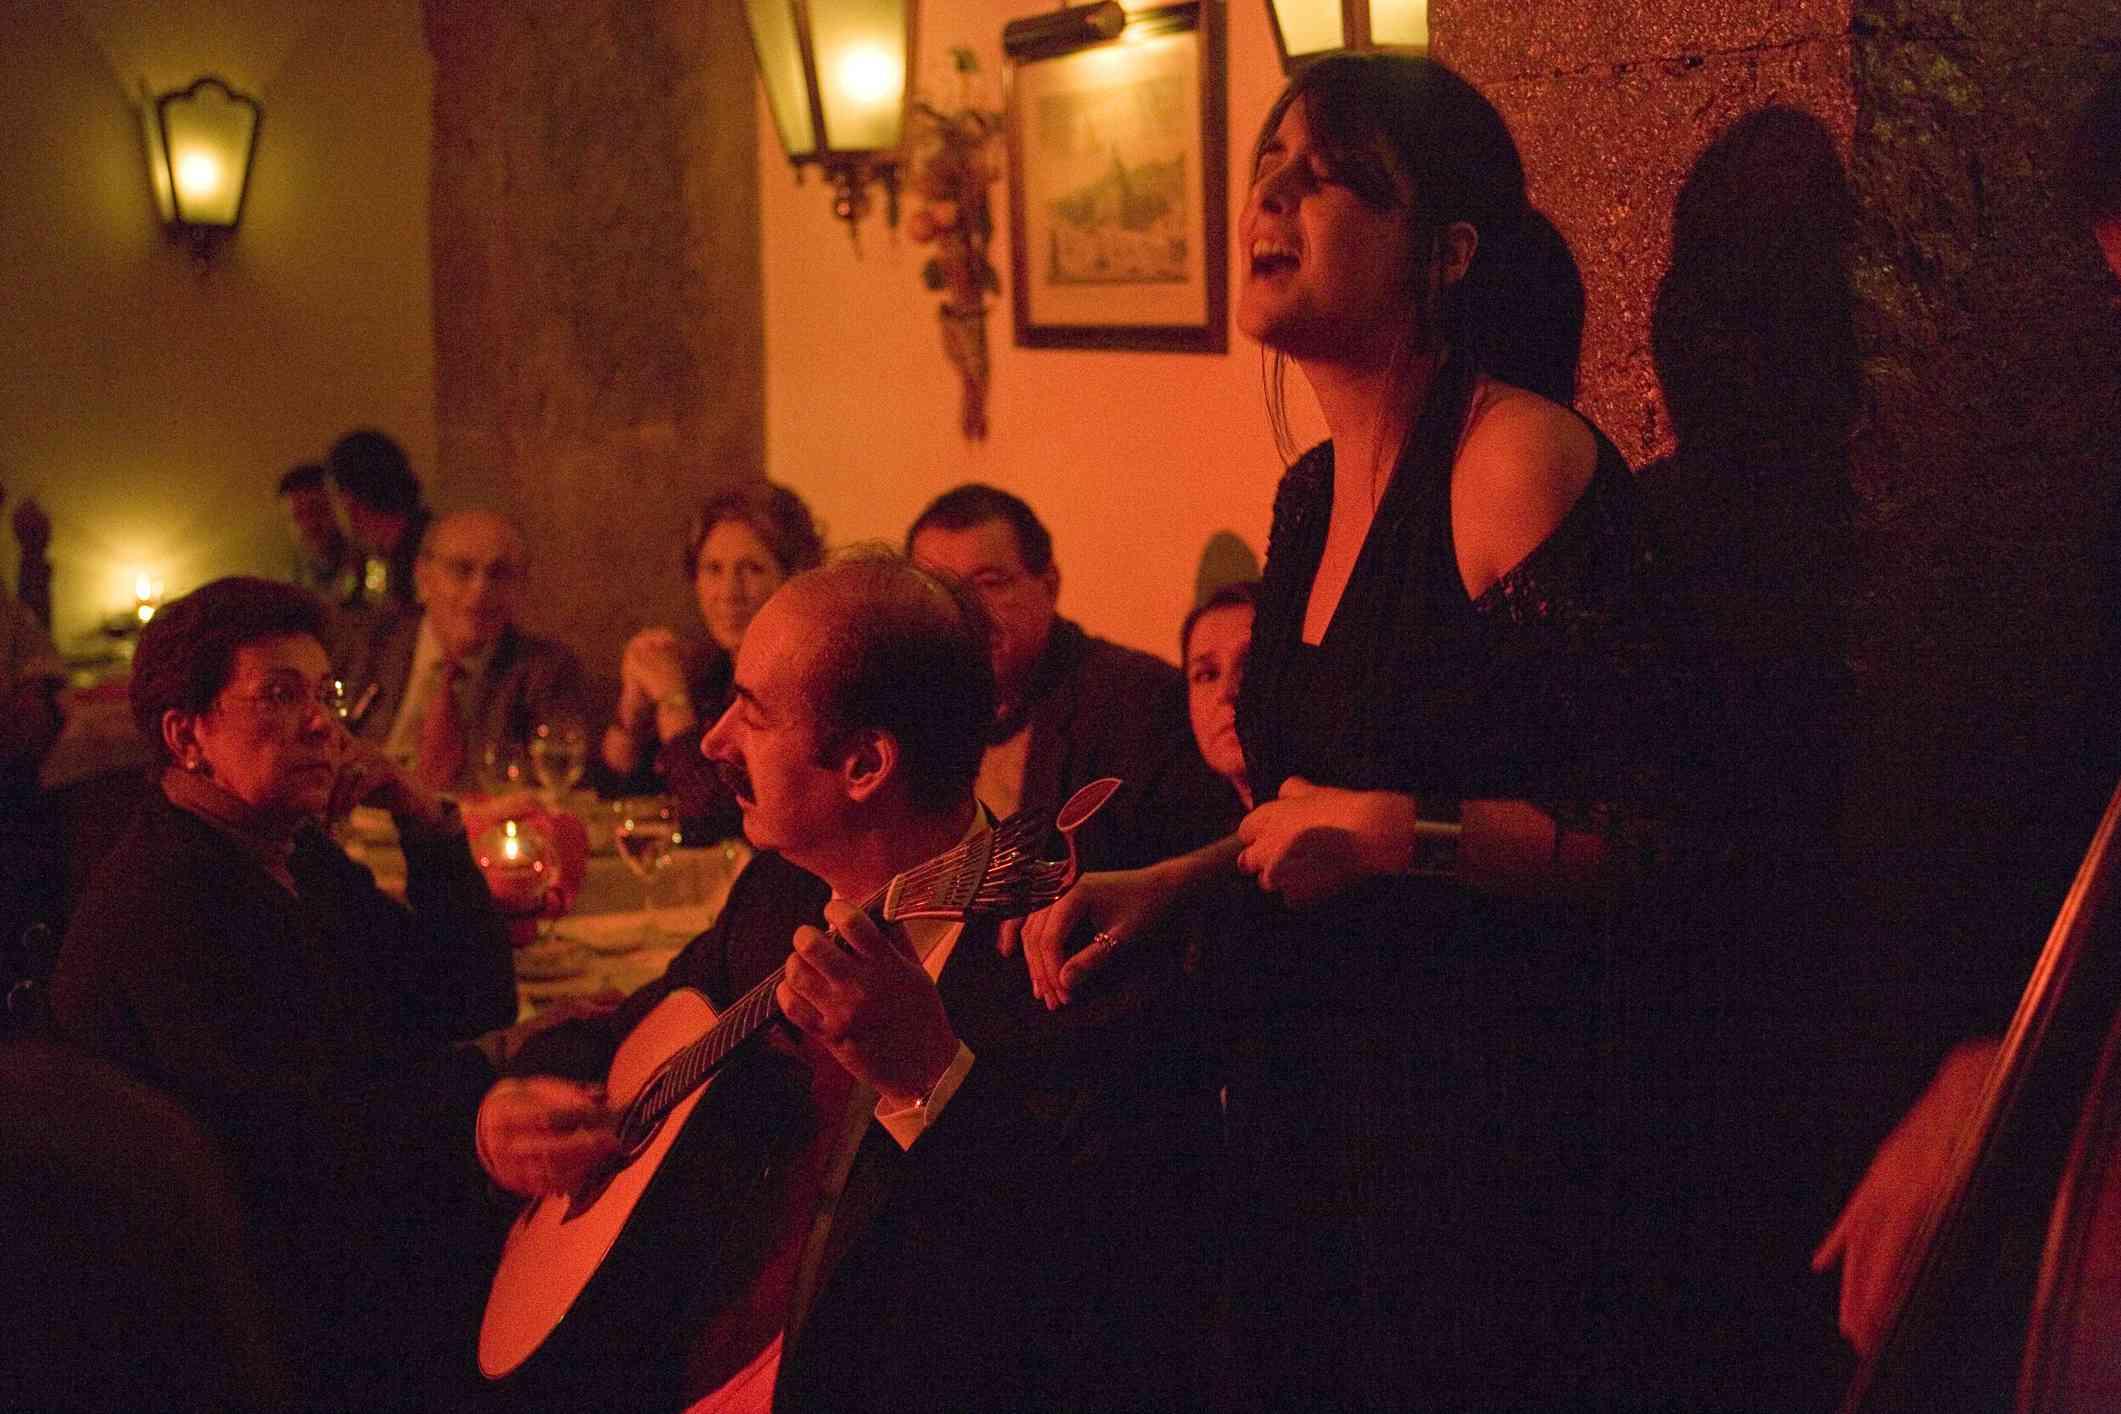 Cantante de fado, Lisboa